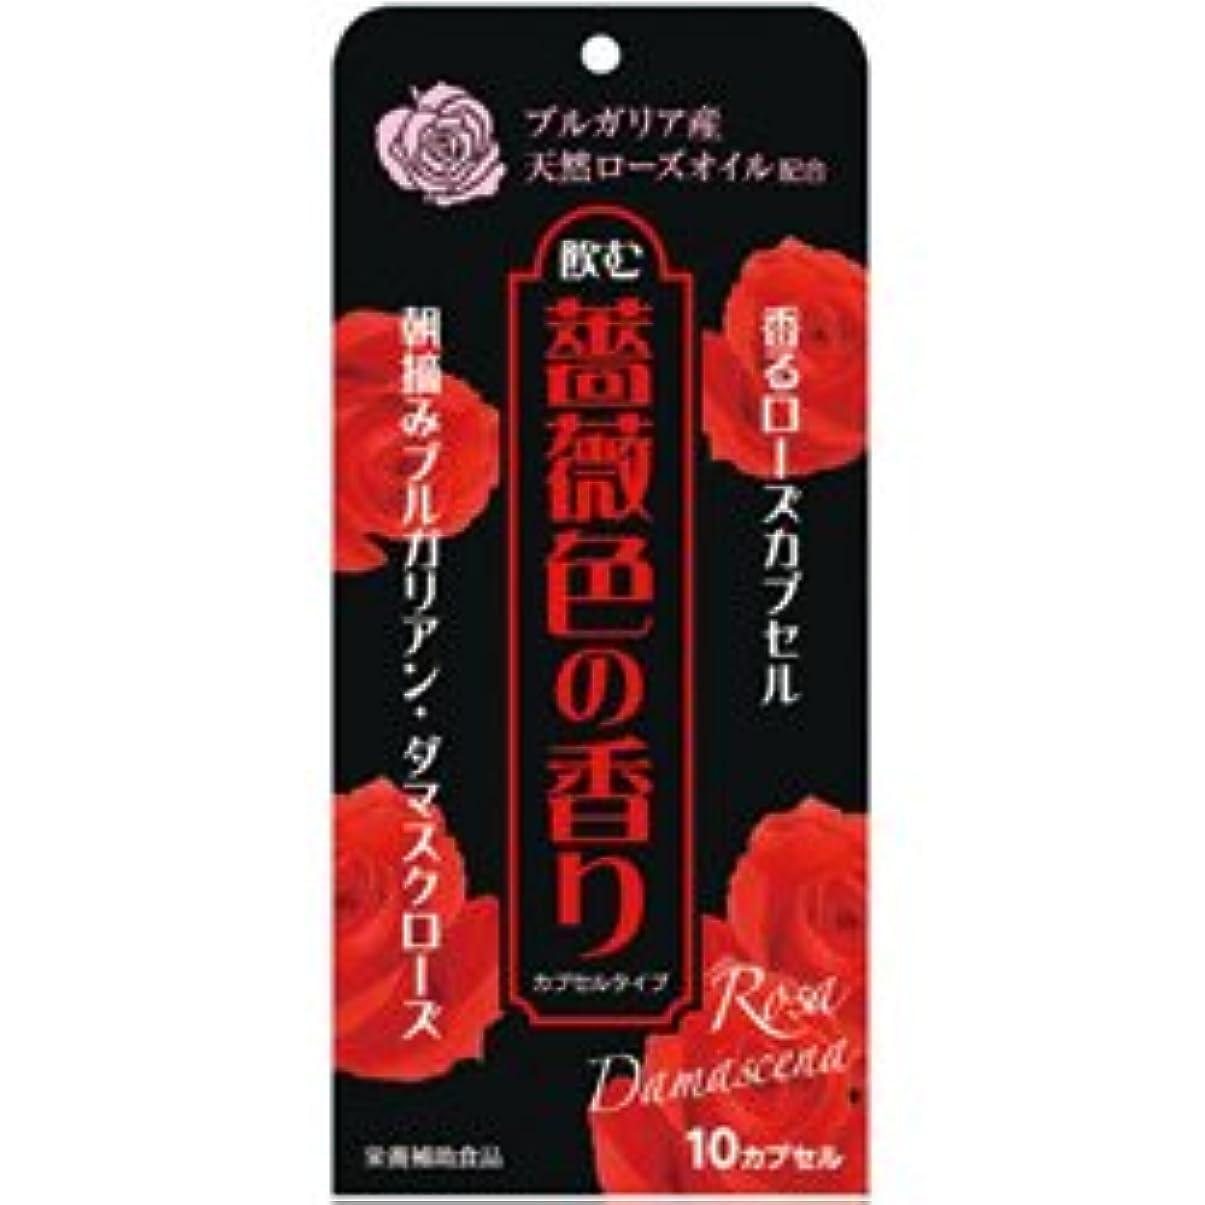 ベッド宿泊施設名前【ウェルネスジャパン】飲む薔薇色の香り 10カプセル ×20個セット